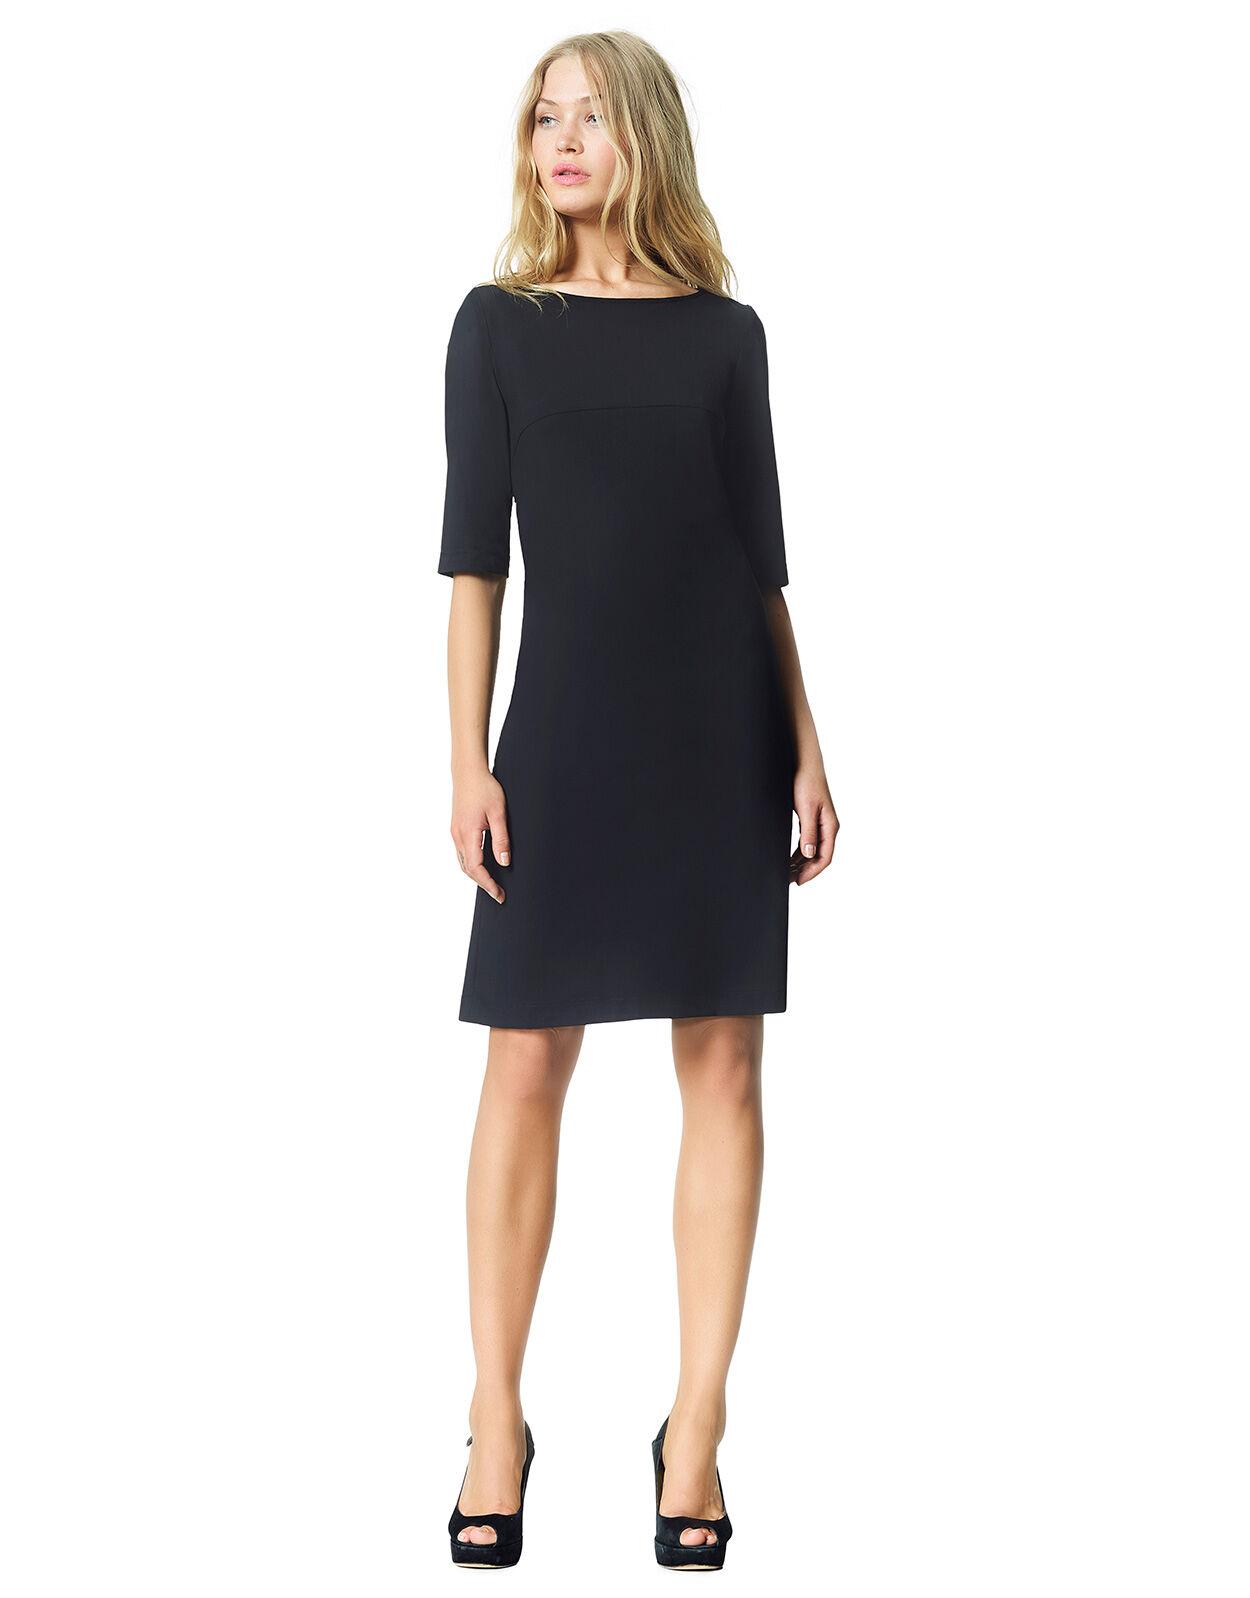 Abbildung von LaDress Aerin jerseykleid schwarz